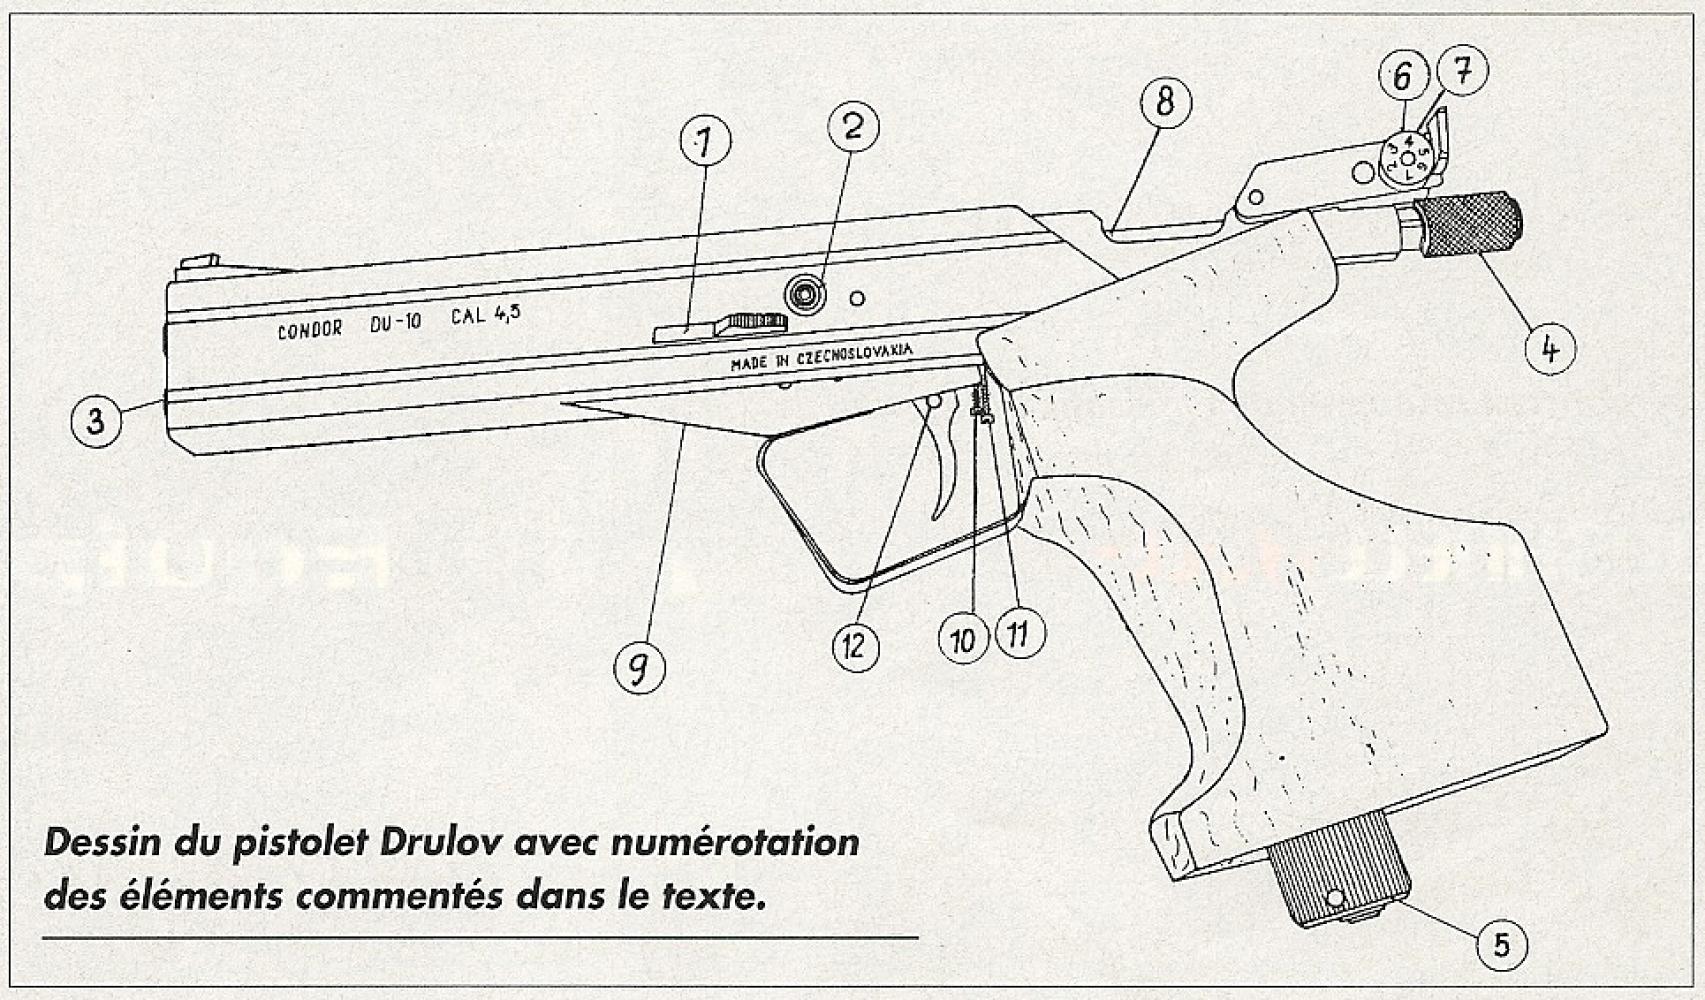 Essai armes   Catégorie   03 – Armes en calibre .22 Long Rifle, .22 ...